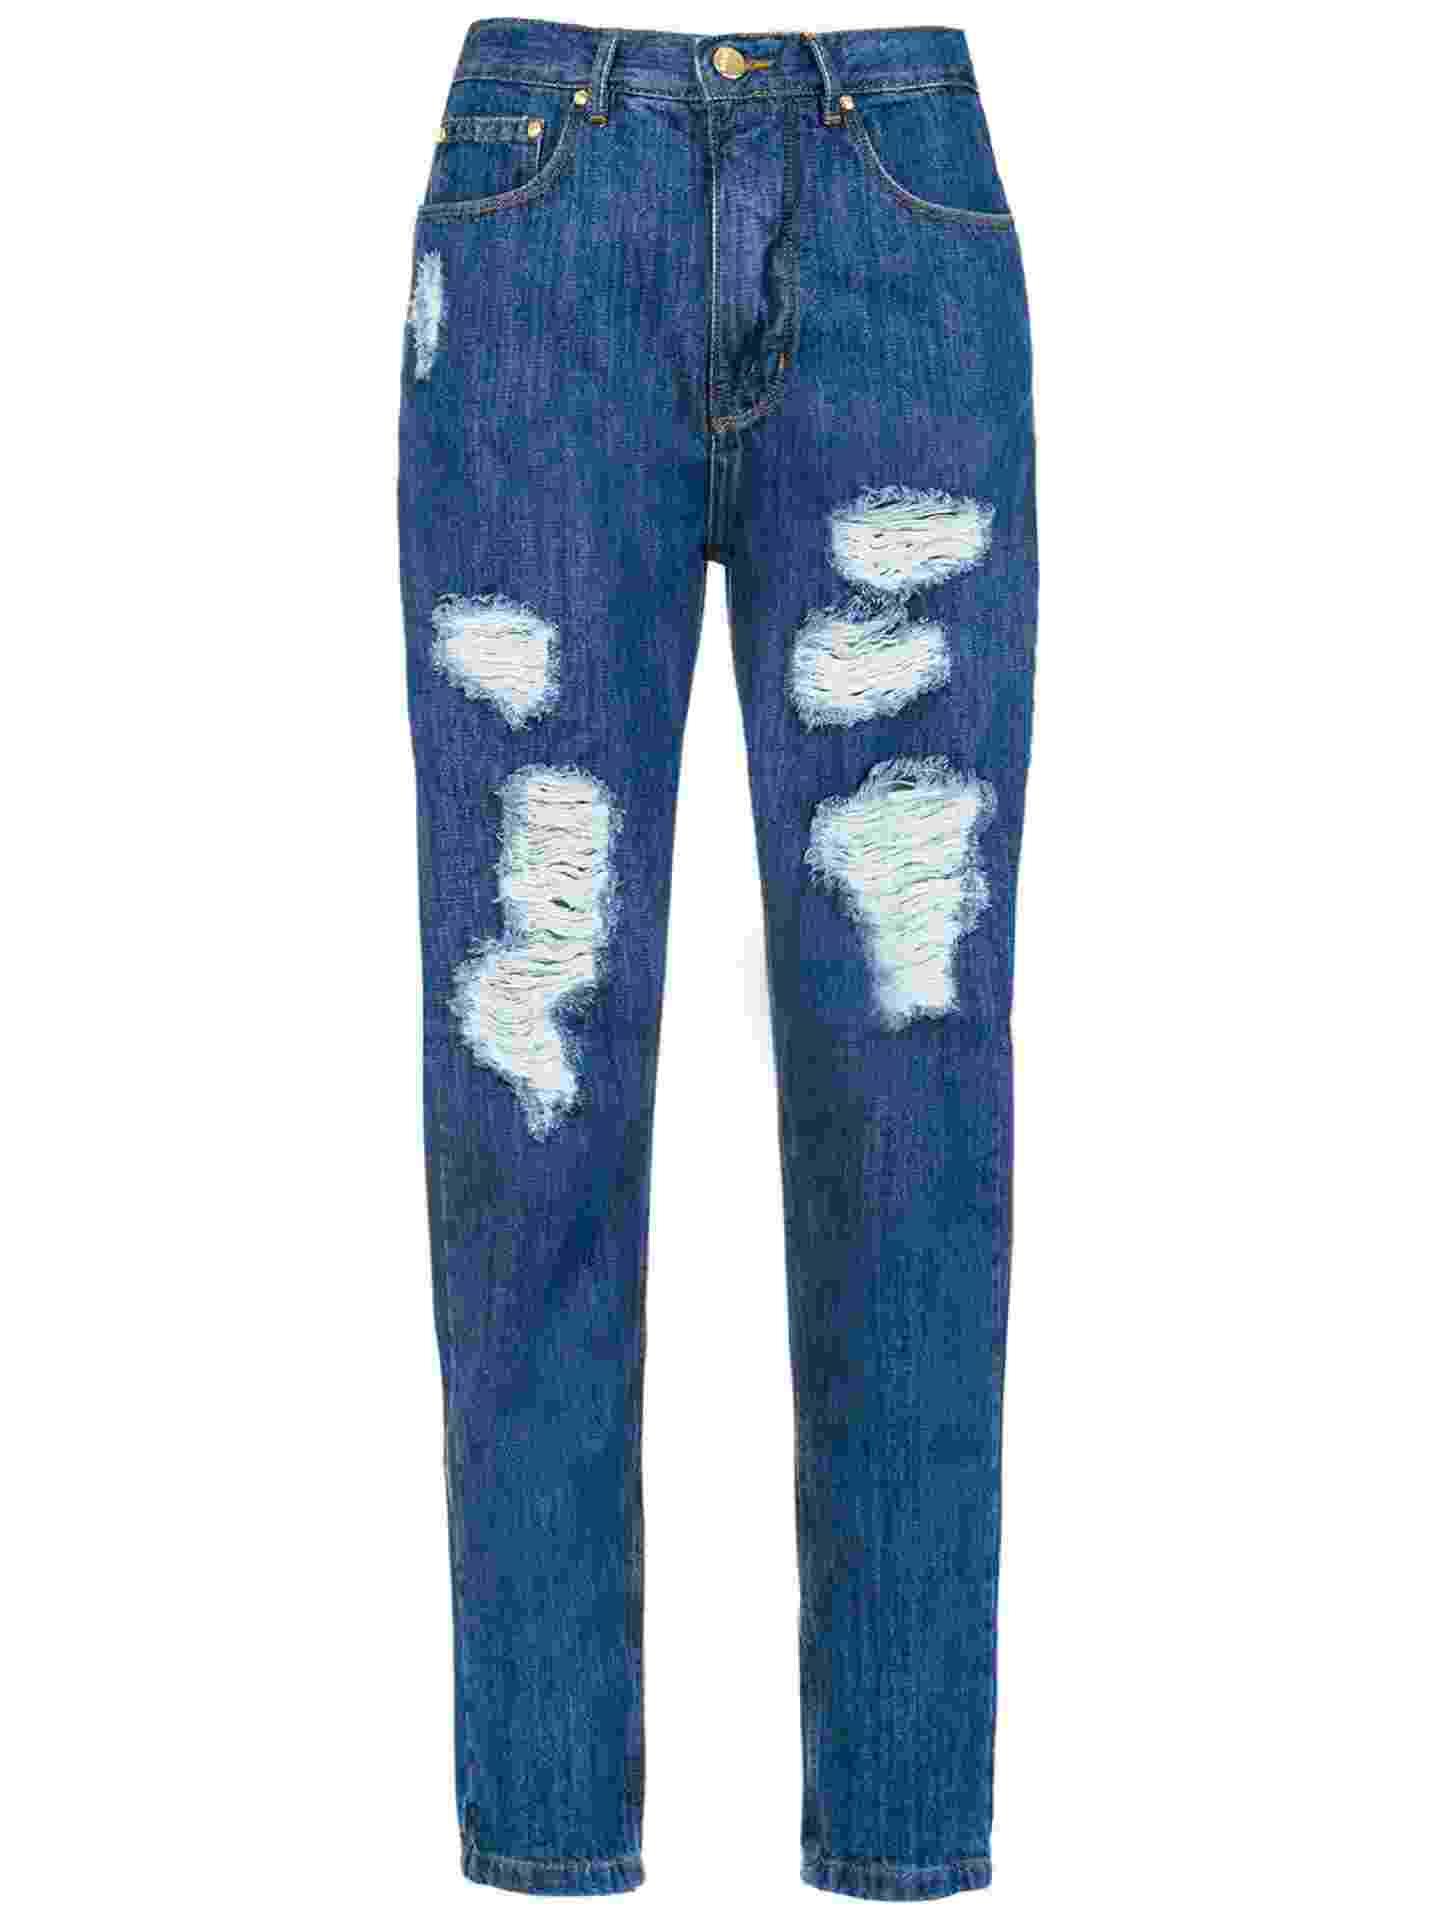 Calça jeans de lavagem escura com rasgos, R$ 455, Amapô, www.amapojeans.com.br - Divulgação